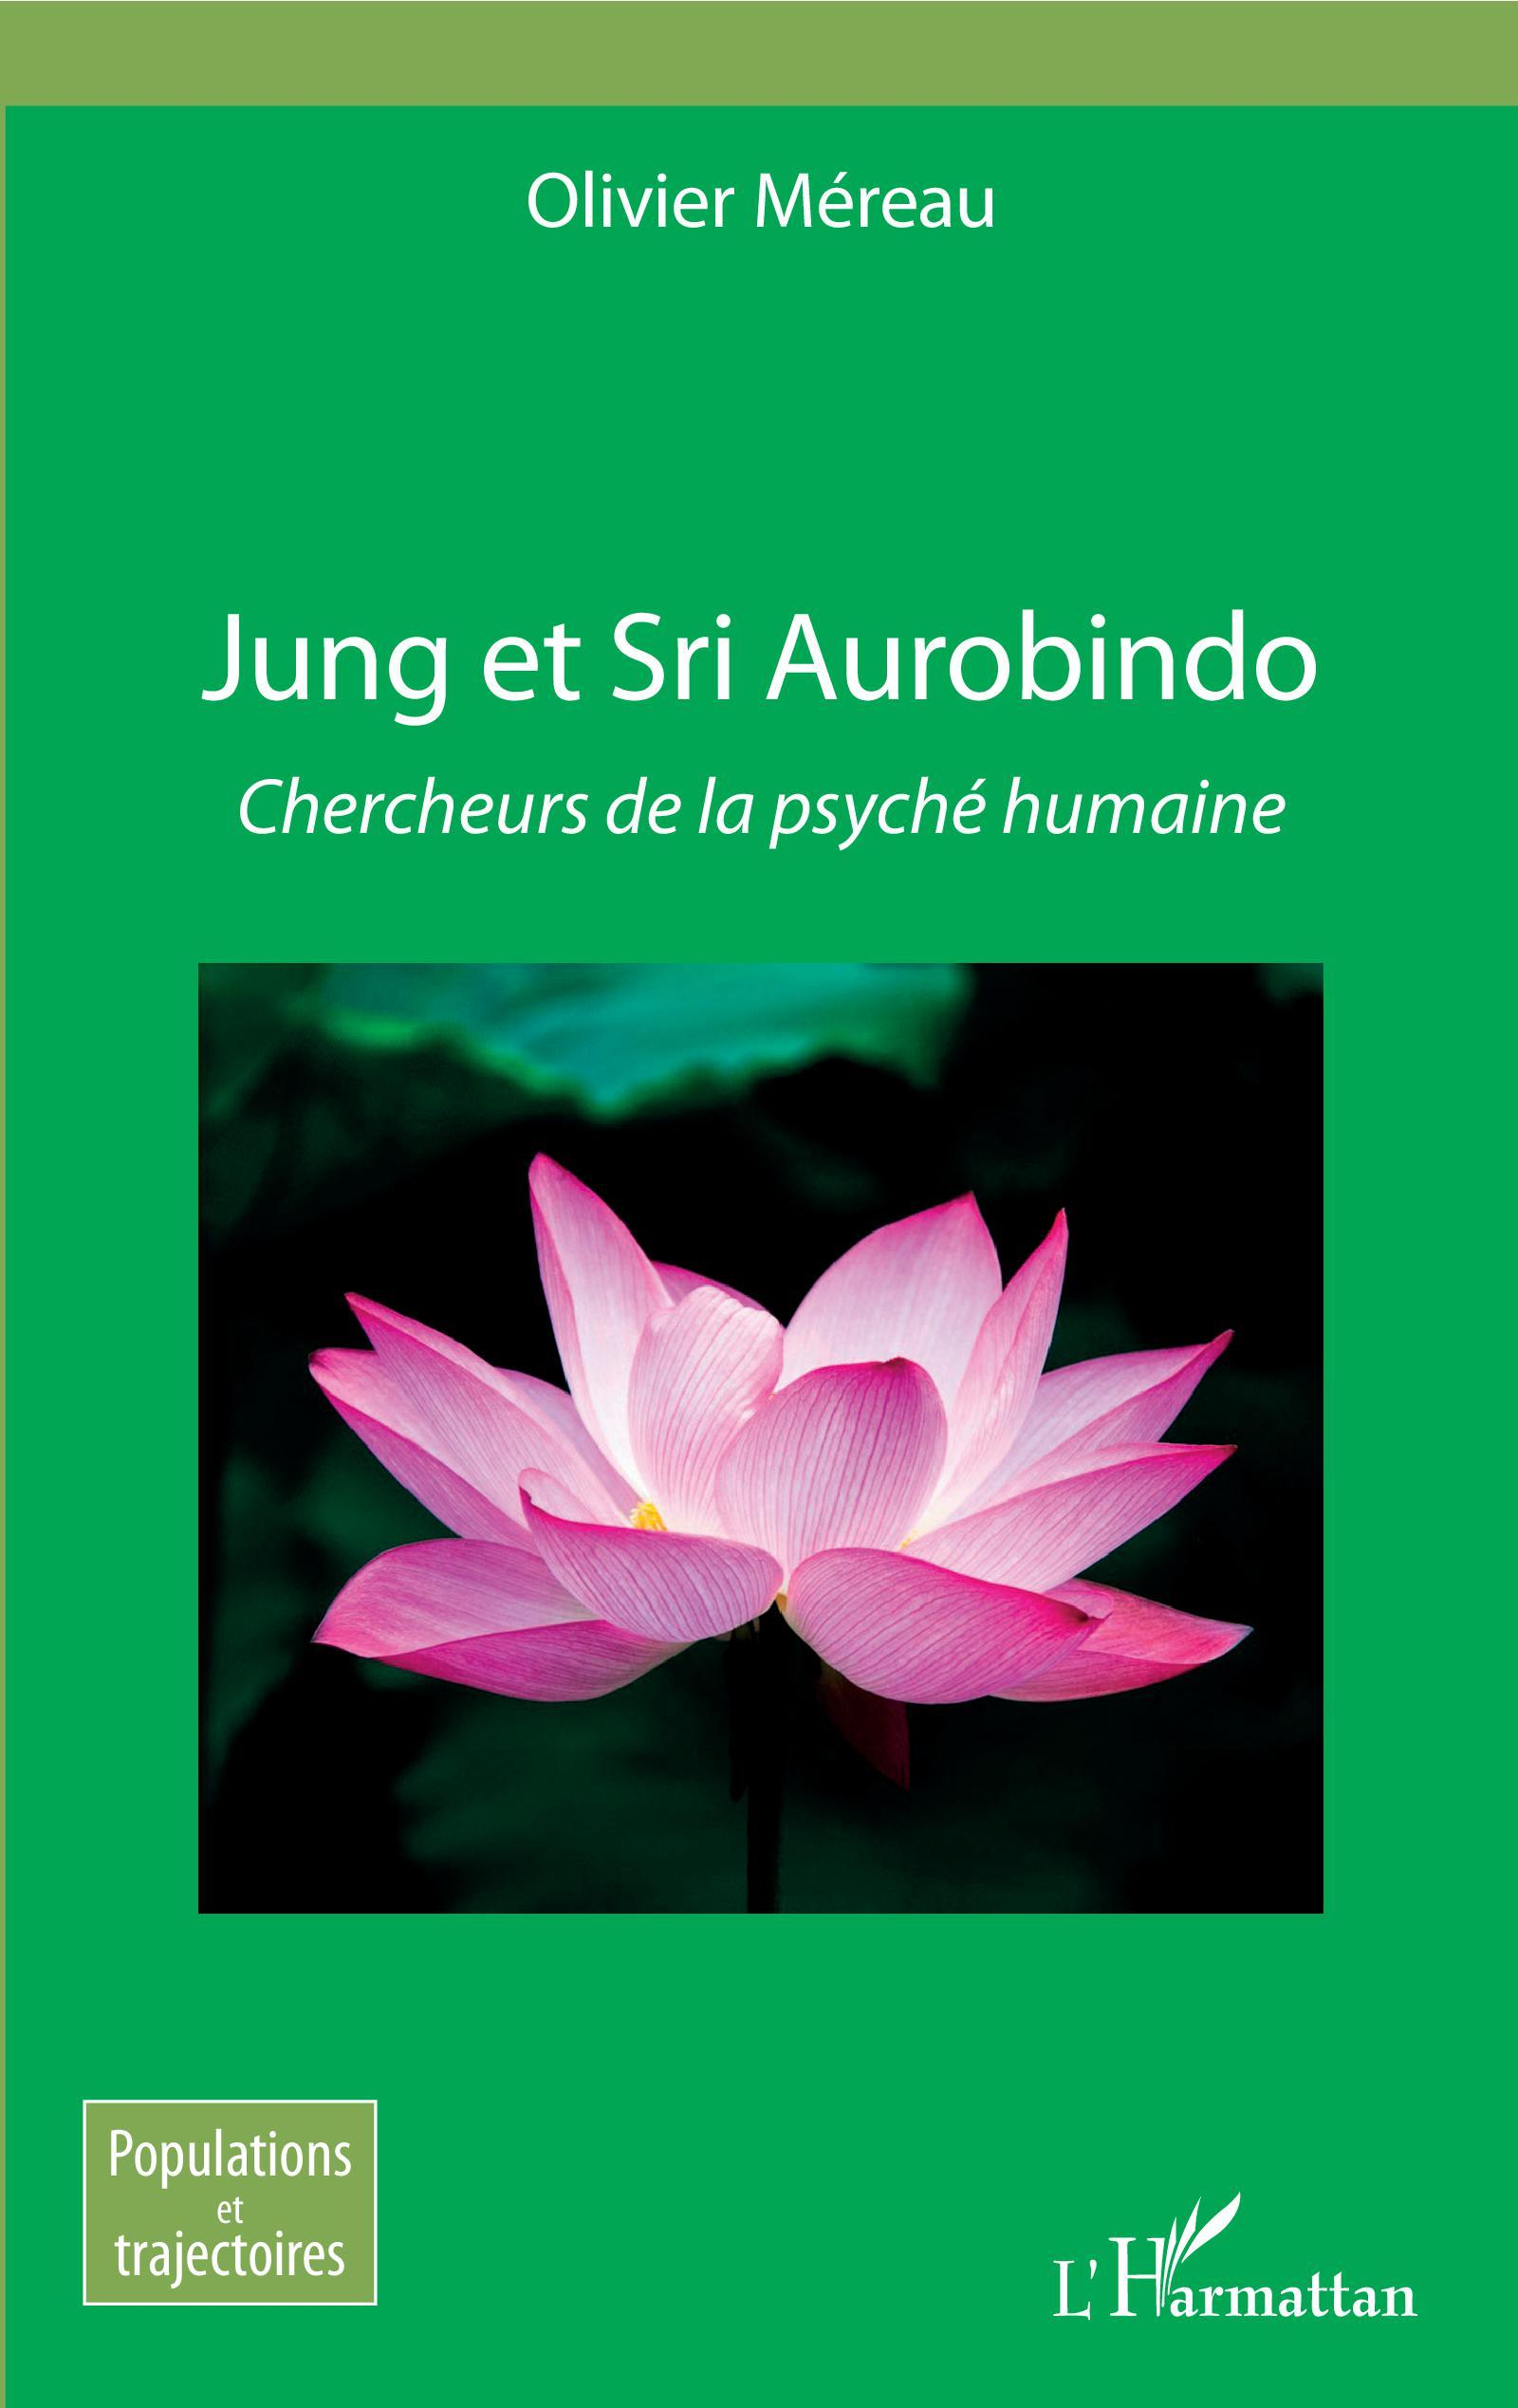 JUNG ET SRI AUROBINDO - CHERCHEURS DE LA PSYCHE HUMAINE